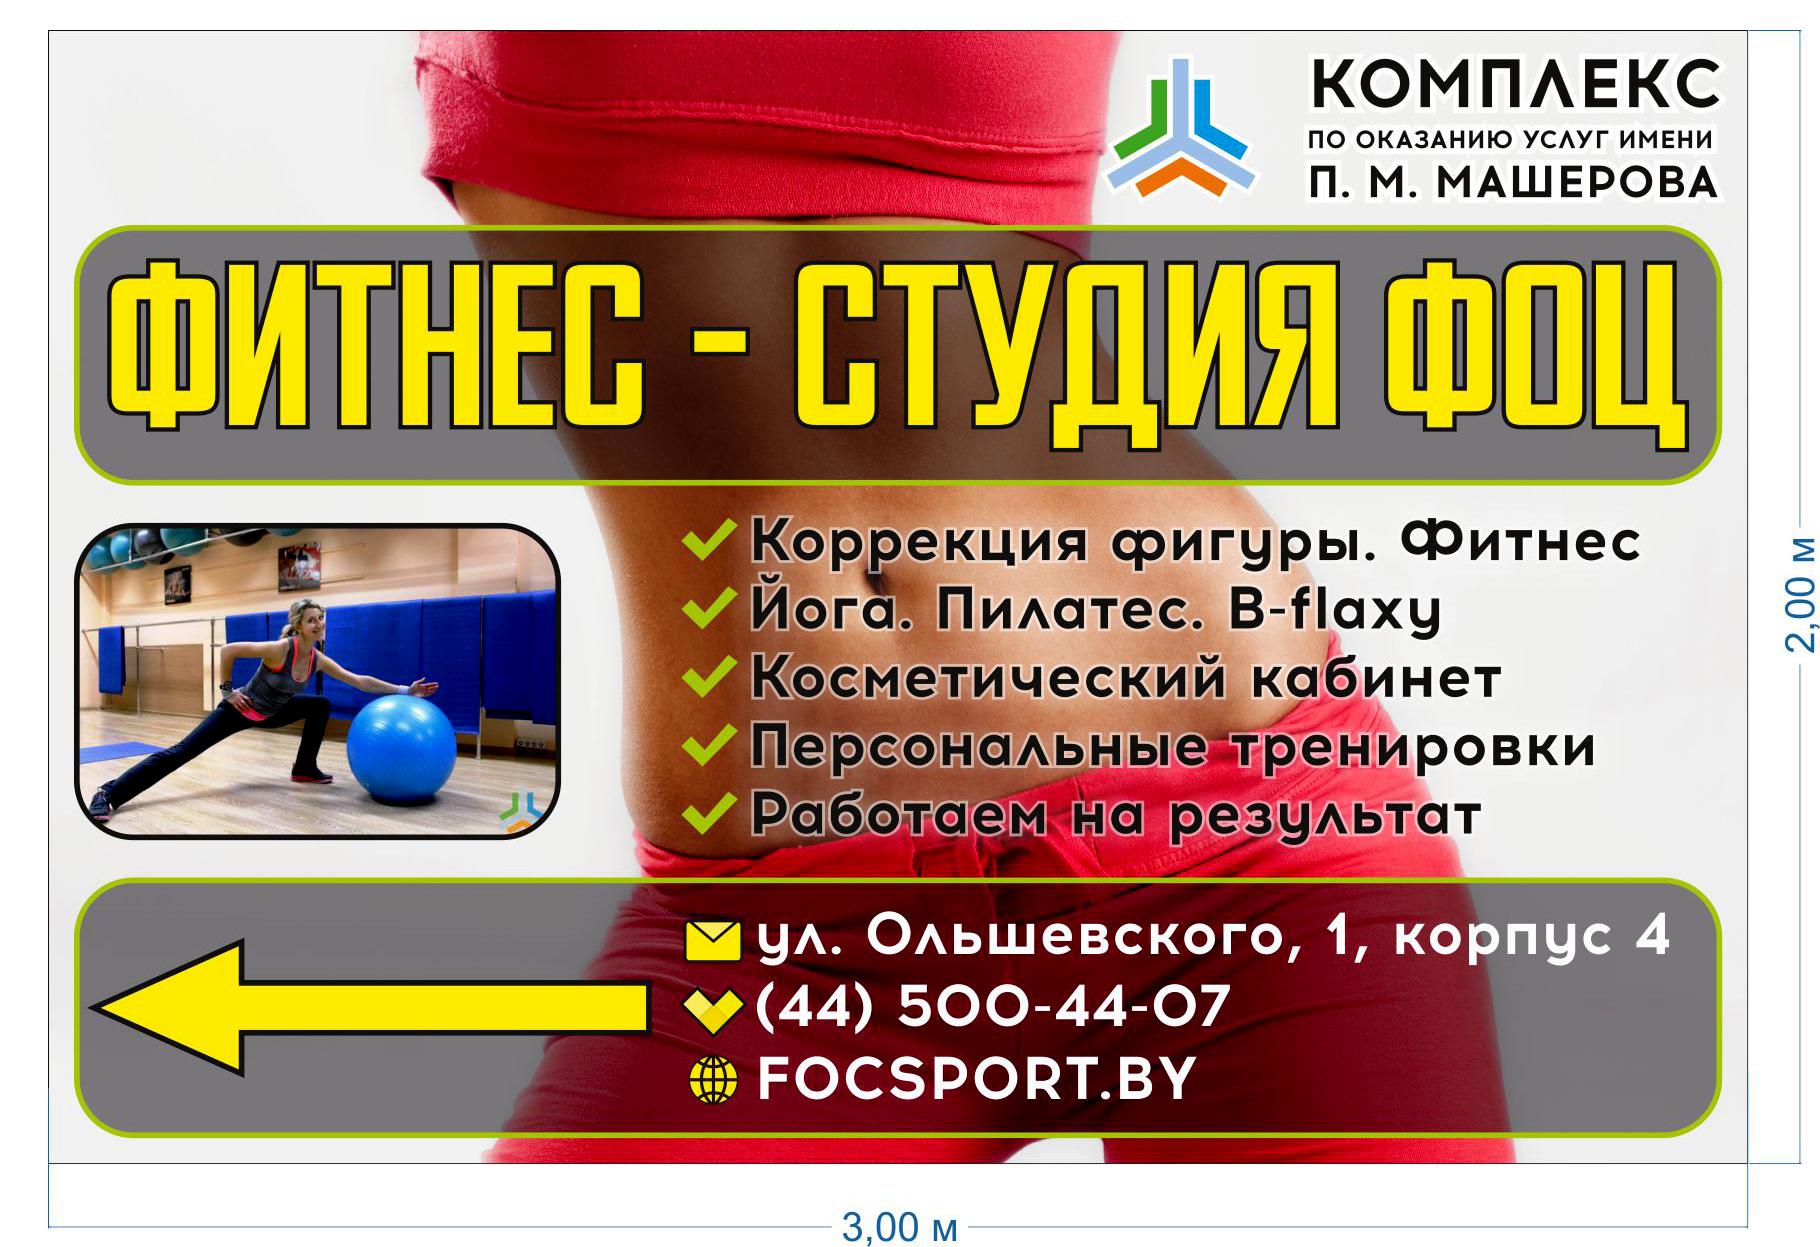 Фитнес всего за 4,50 руб.